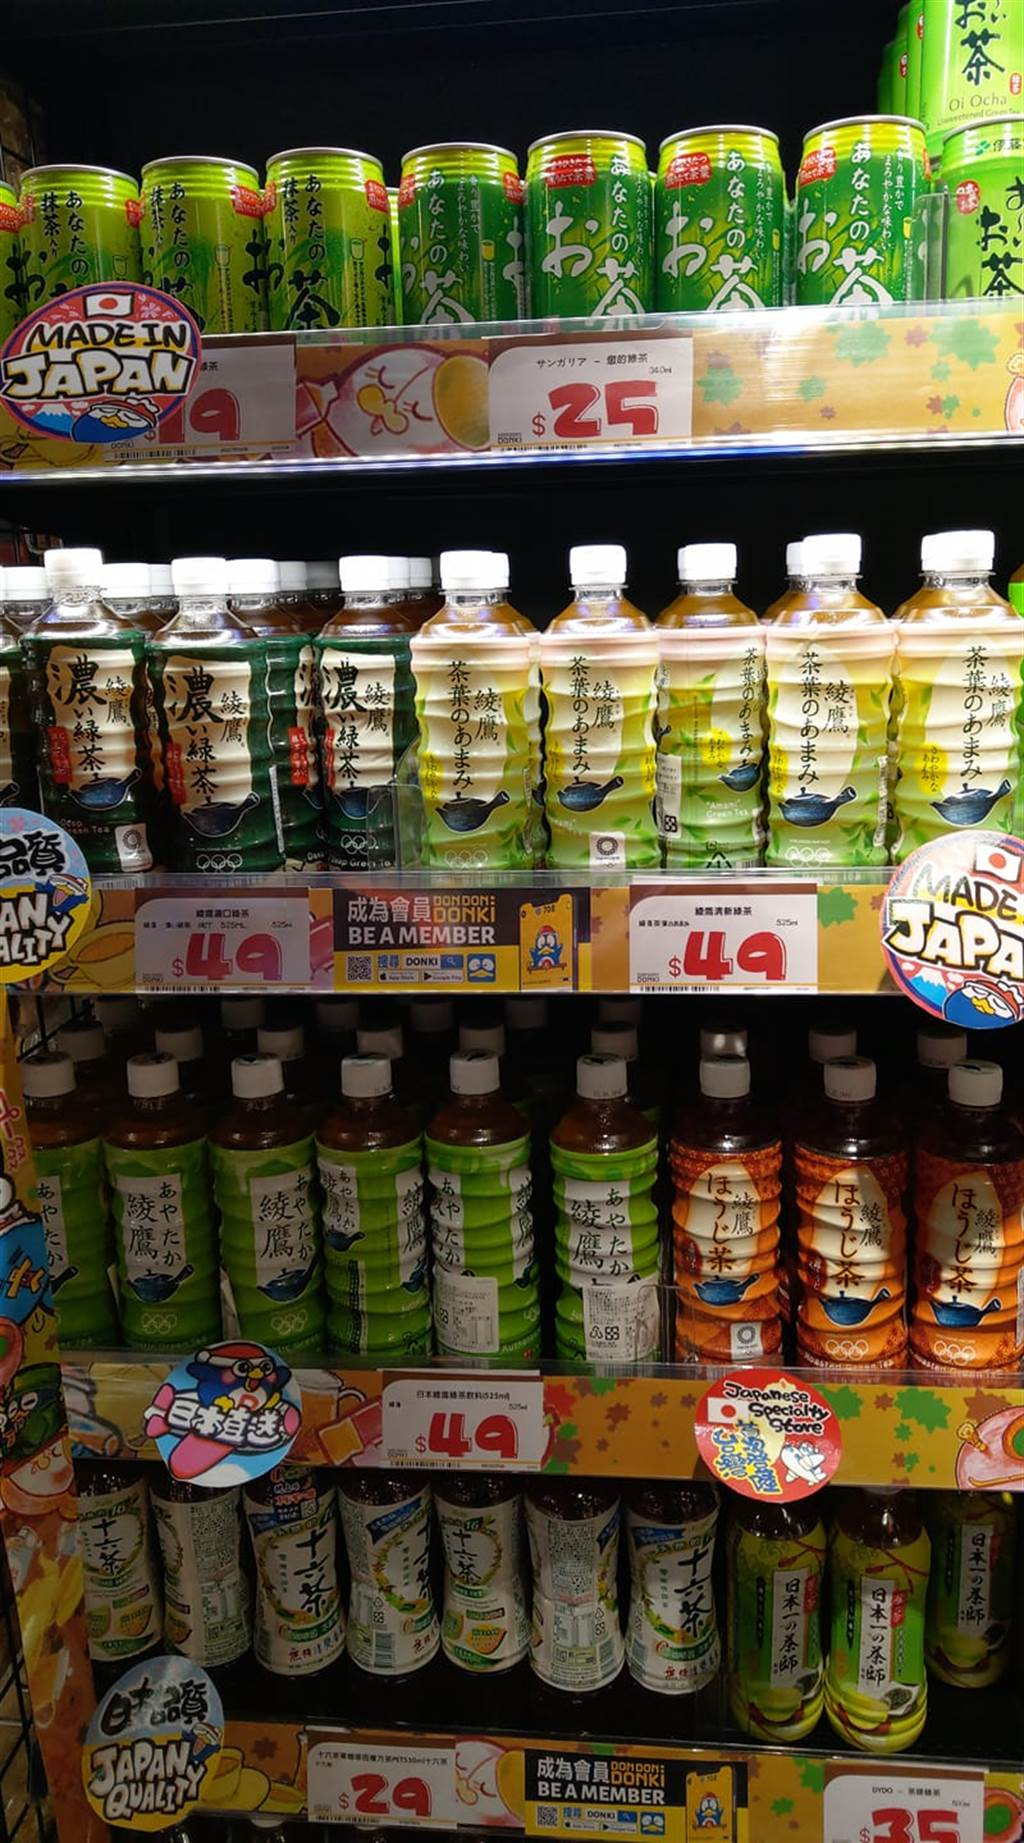 不少網友詢問店內有無販售綾鷹綠茶,才知道不是沒進貨,而是早早就被掃光。(圖/台灣唐吉訶德分享老實說臉書社團)